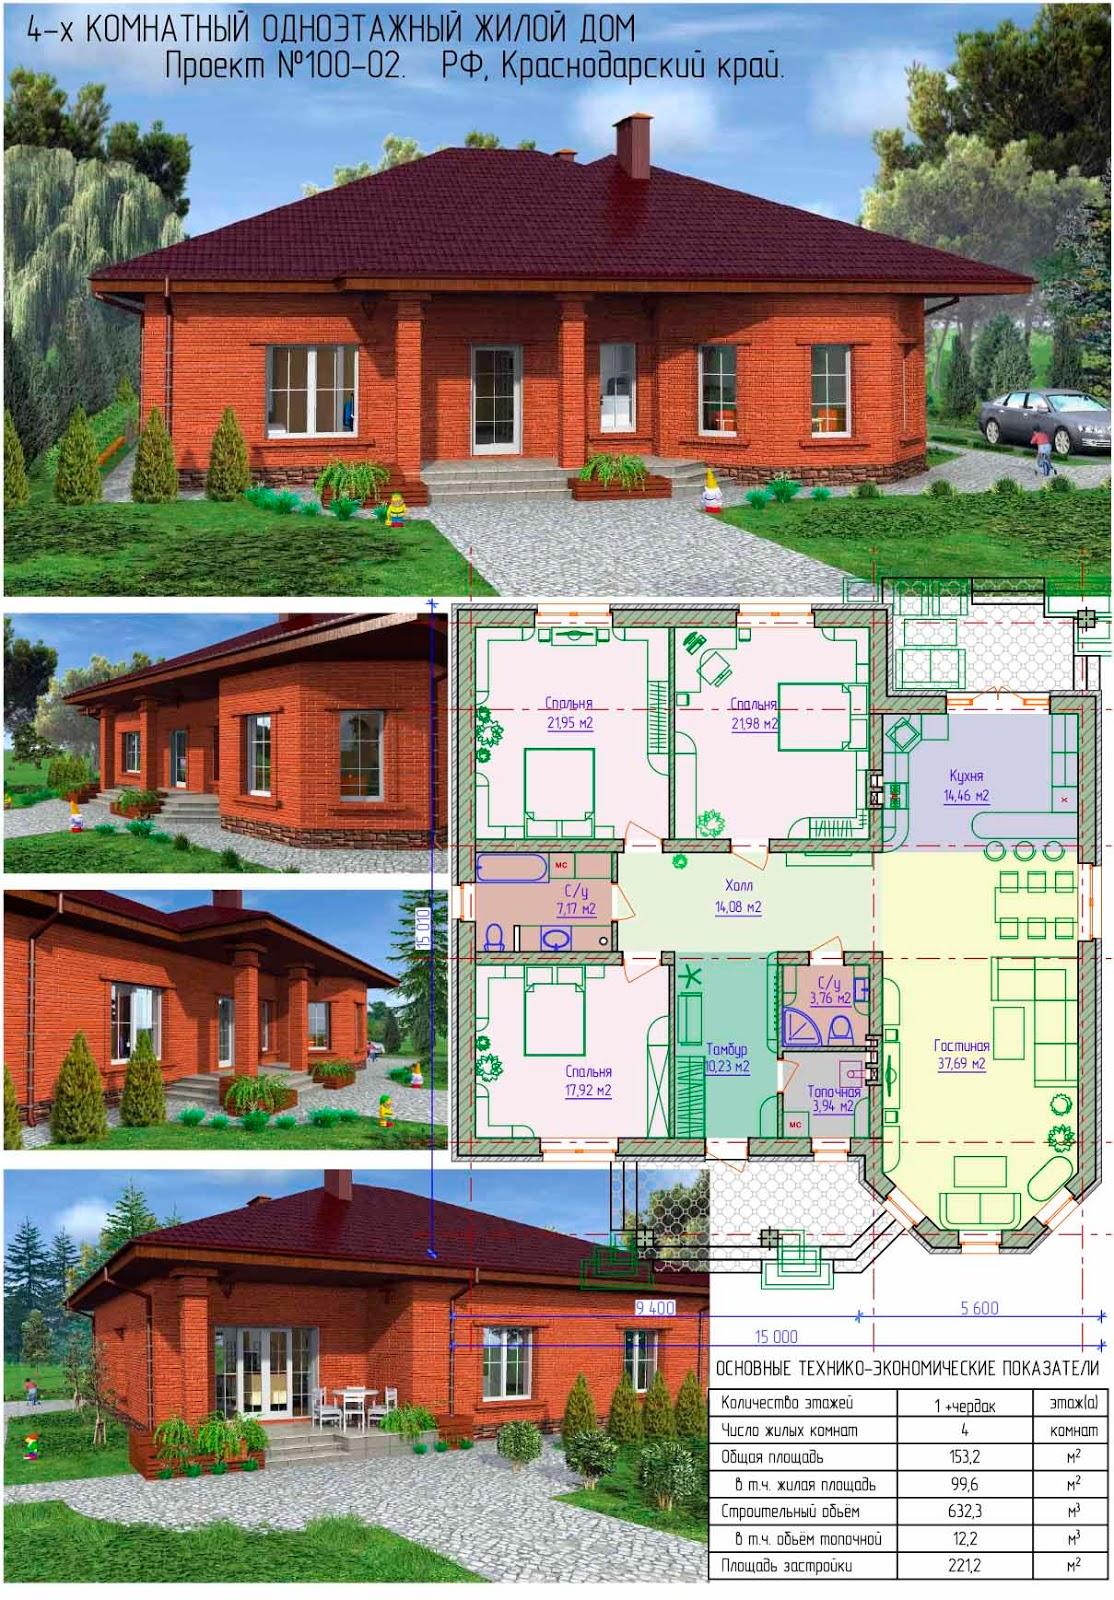 Ремонт домов и коттеджей Ремонт дома коттеджа под ключ